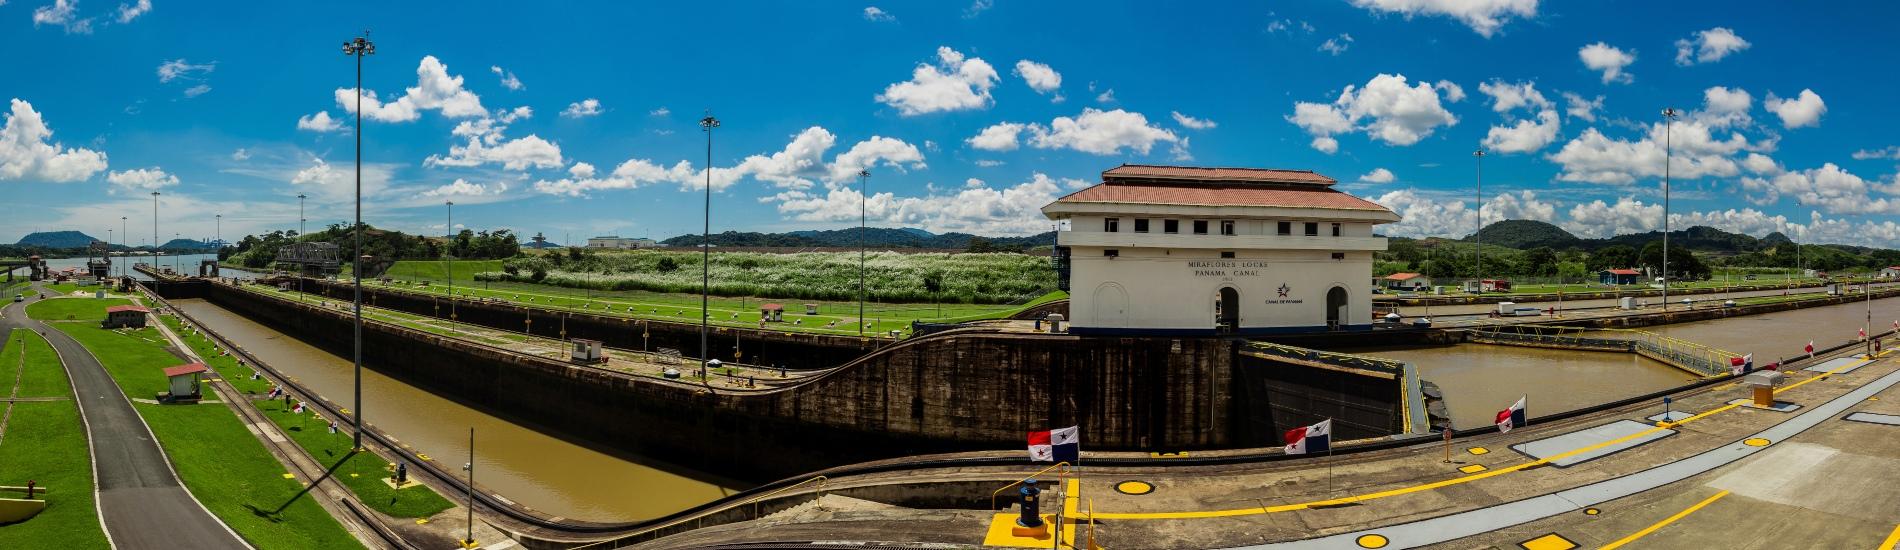 Metodología de Decisión Robusta aplicada a la ordenación del territorio de la cuenca del Canal de Panamá